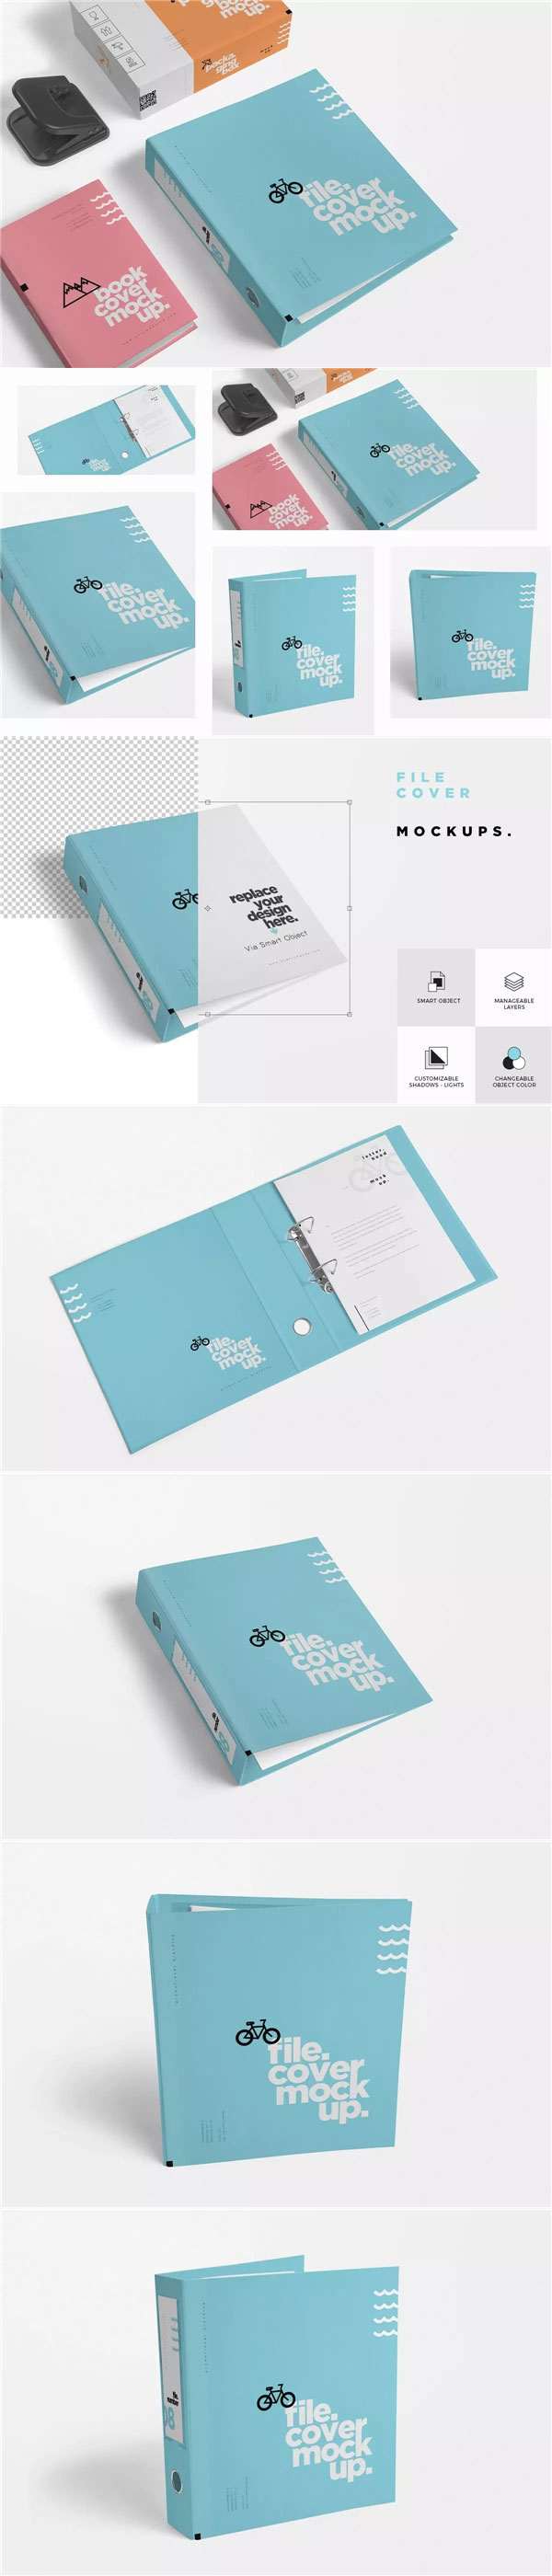 盒子文件夹样机